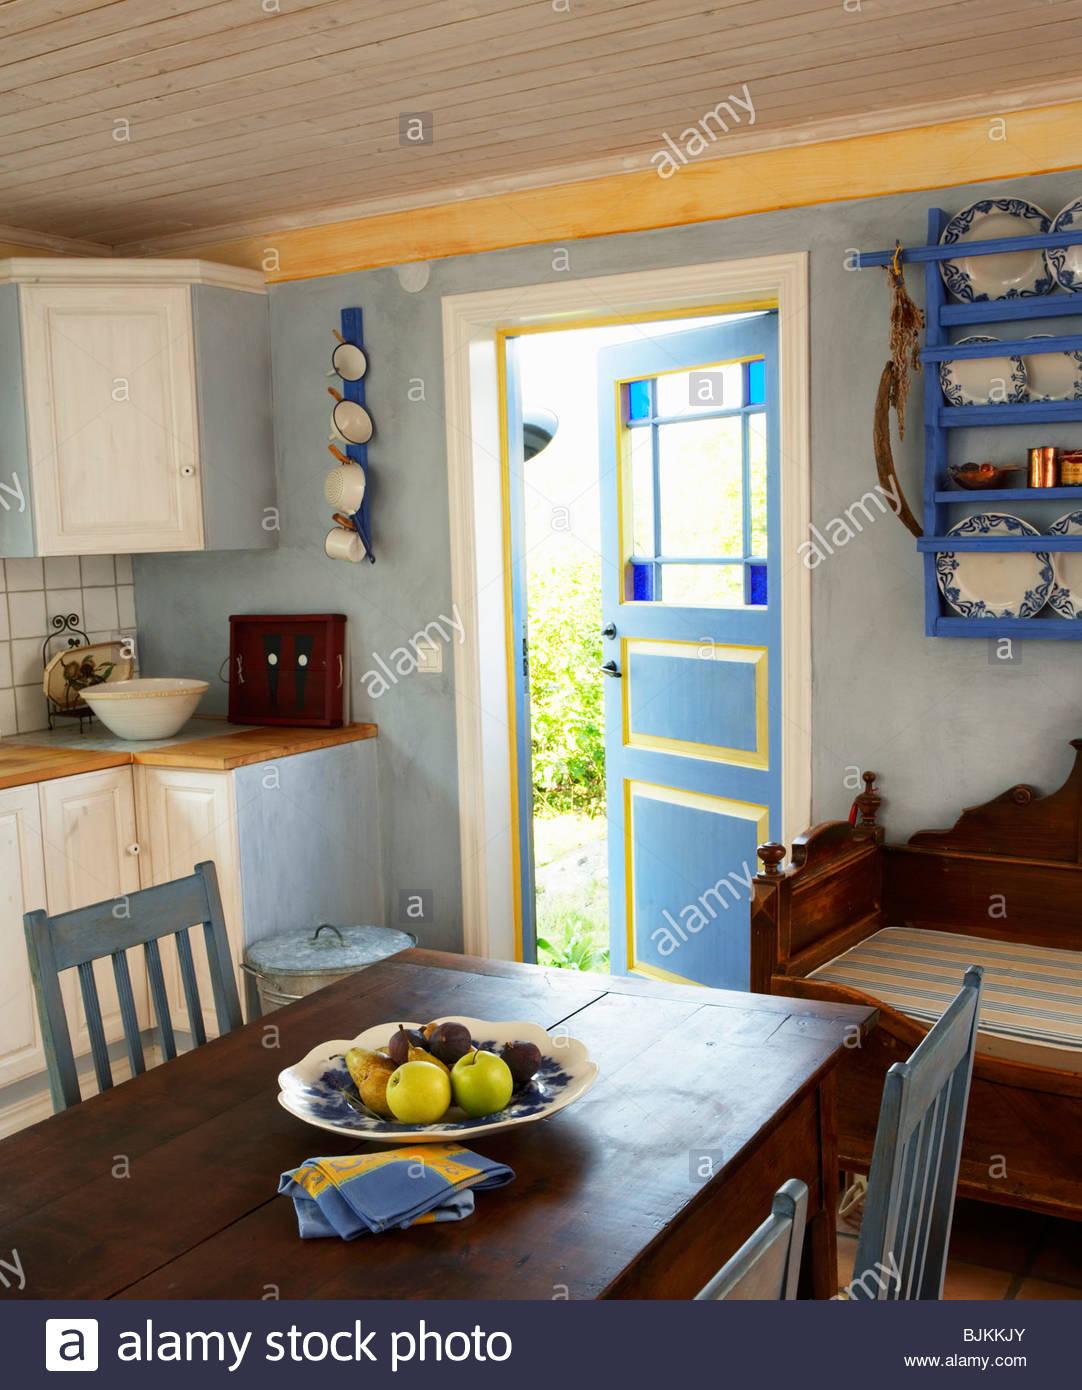 Großartig Außen Küchen Uk Fotos - Ideen Für Die Küche Dekoration ...